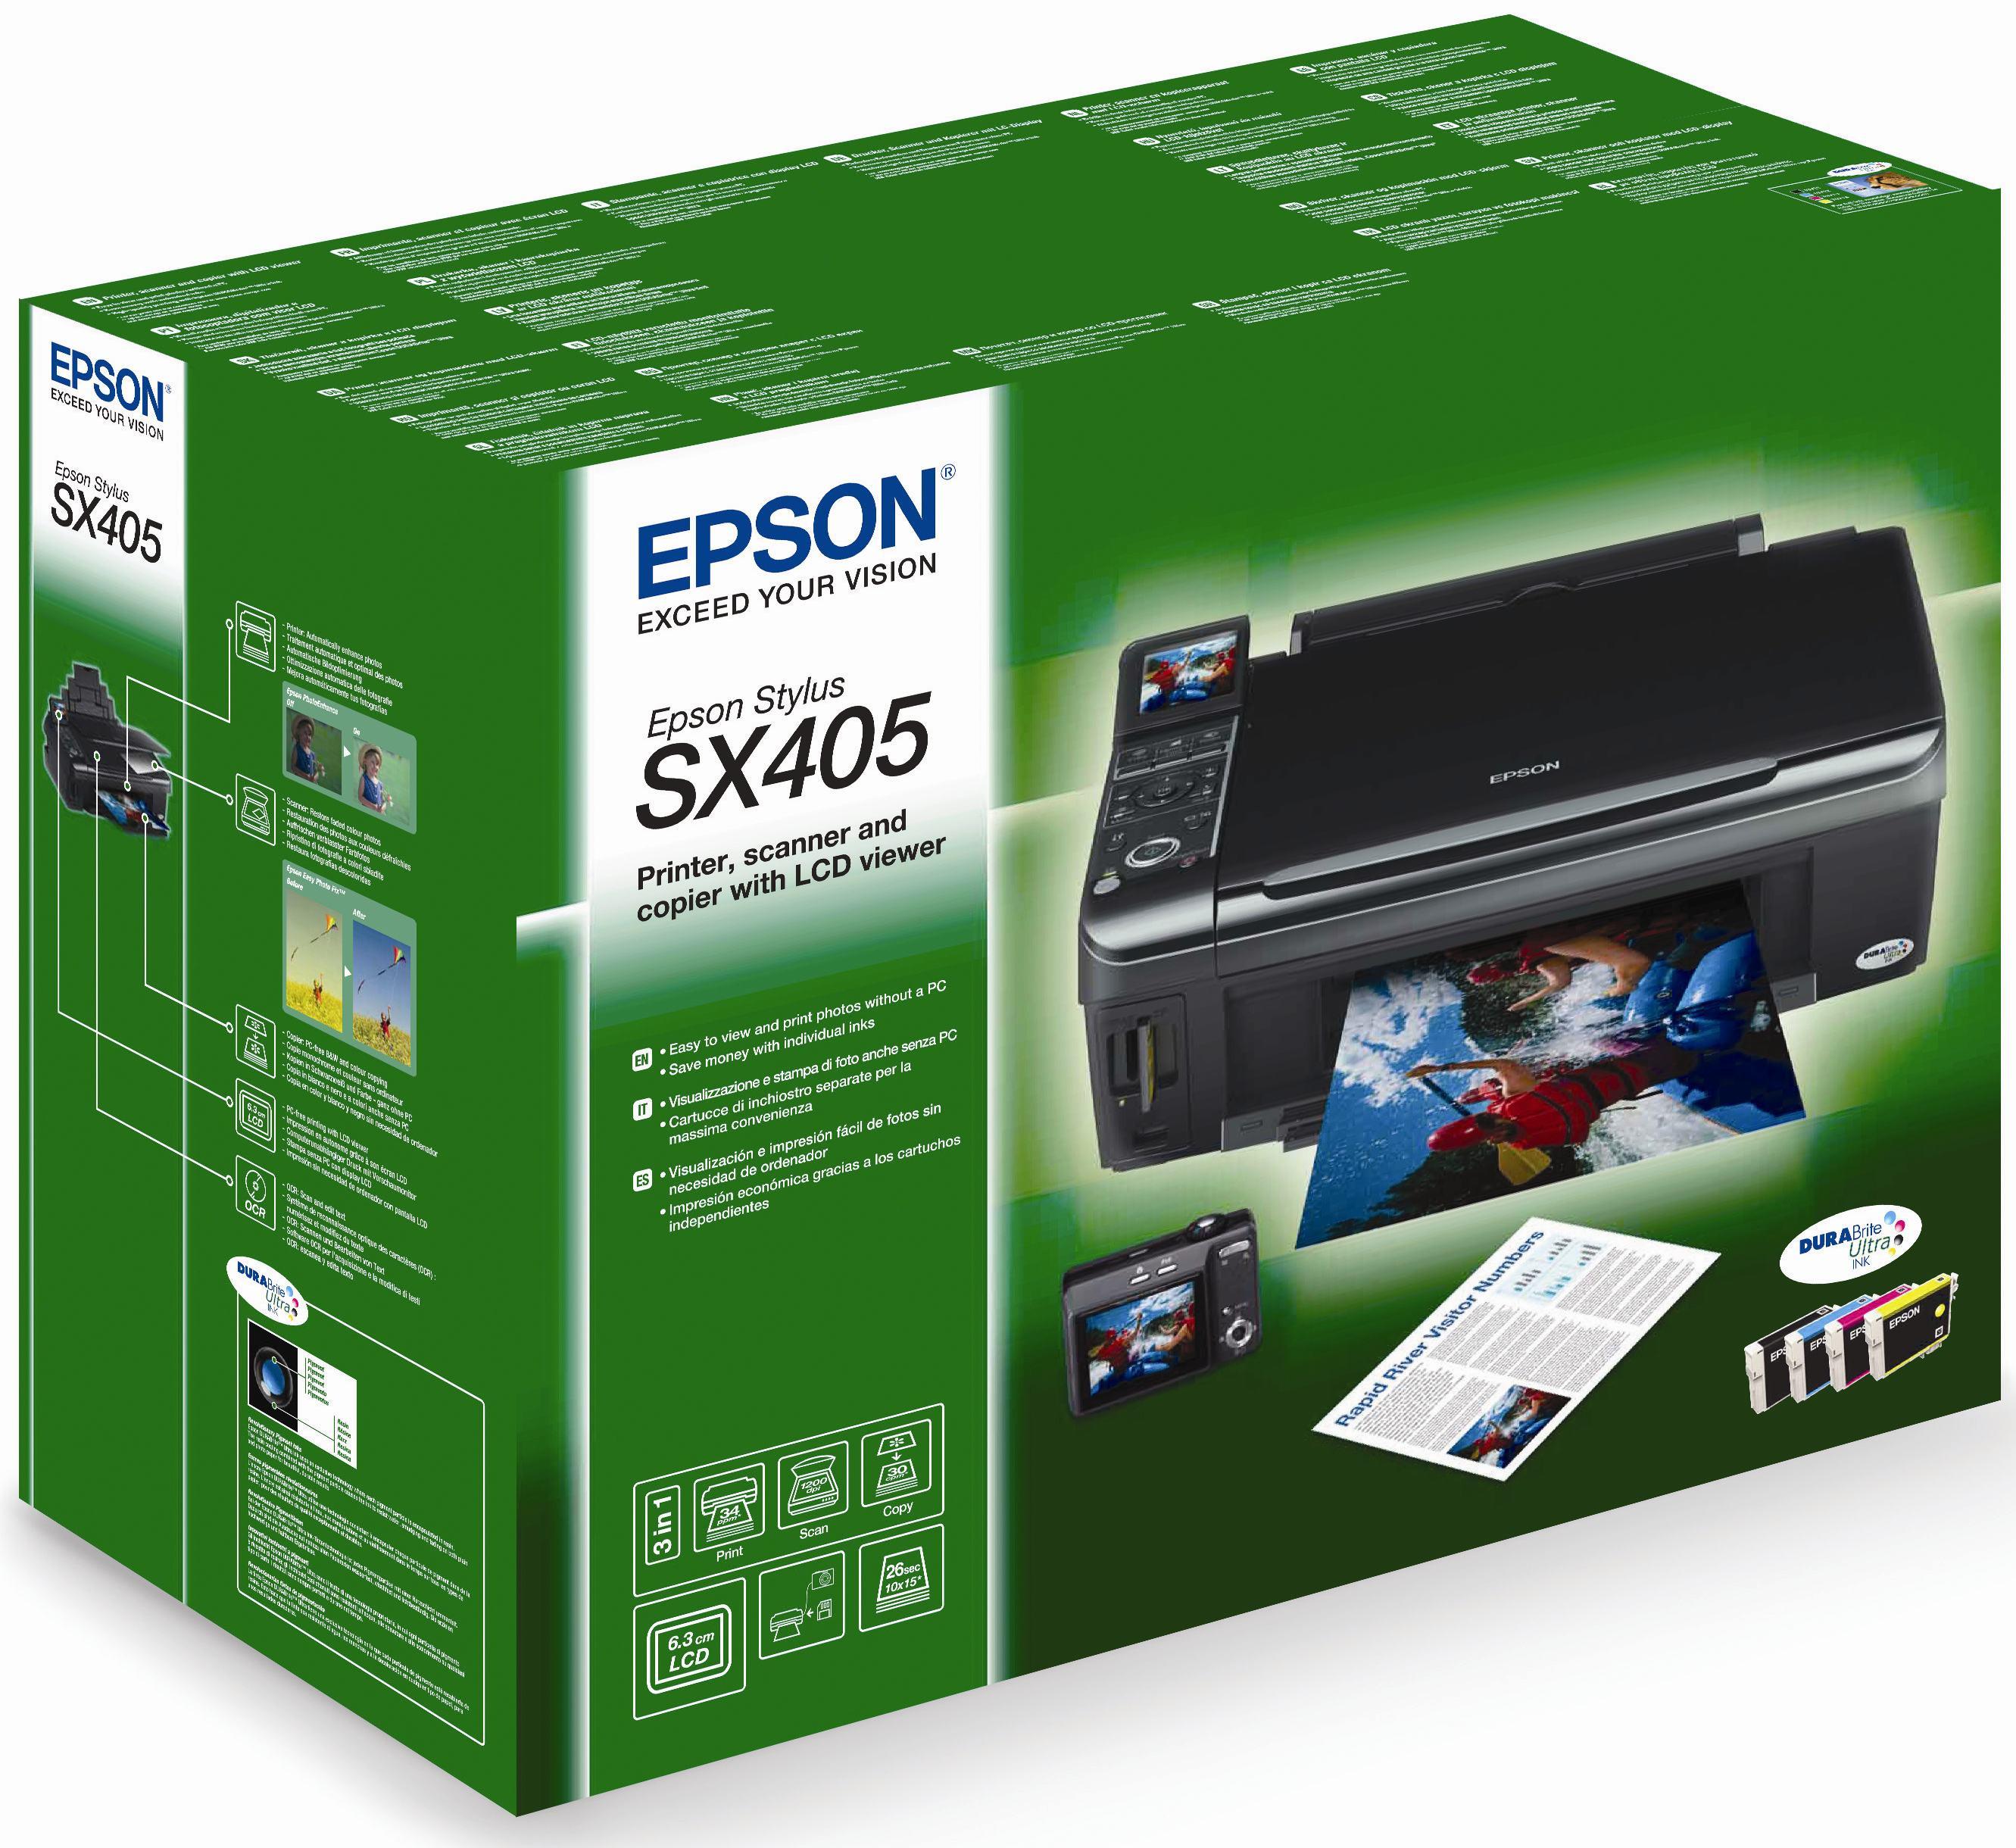 Epson Stylus SX405